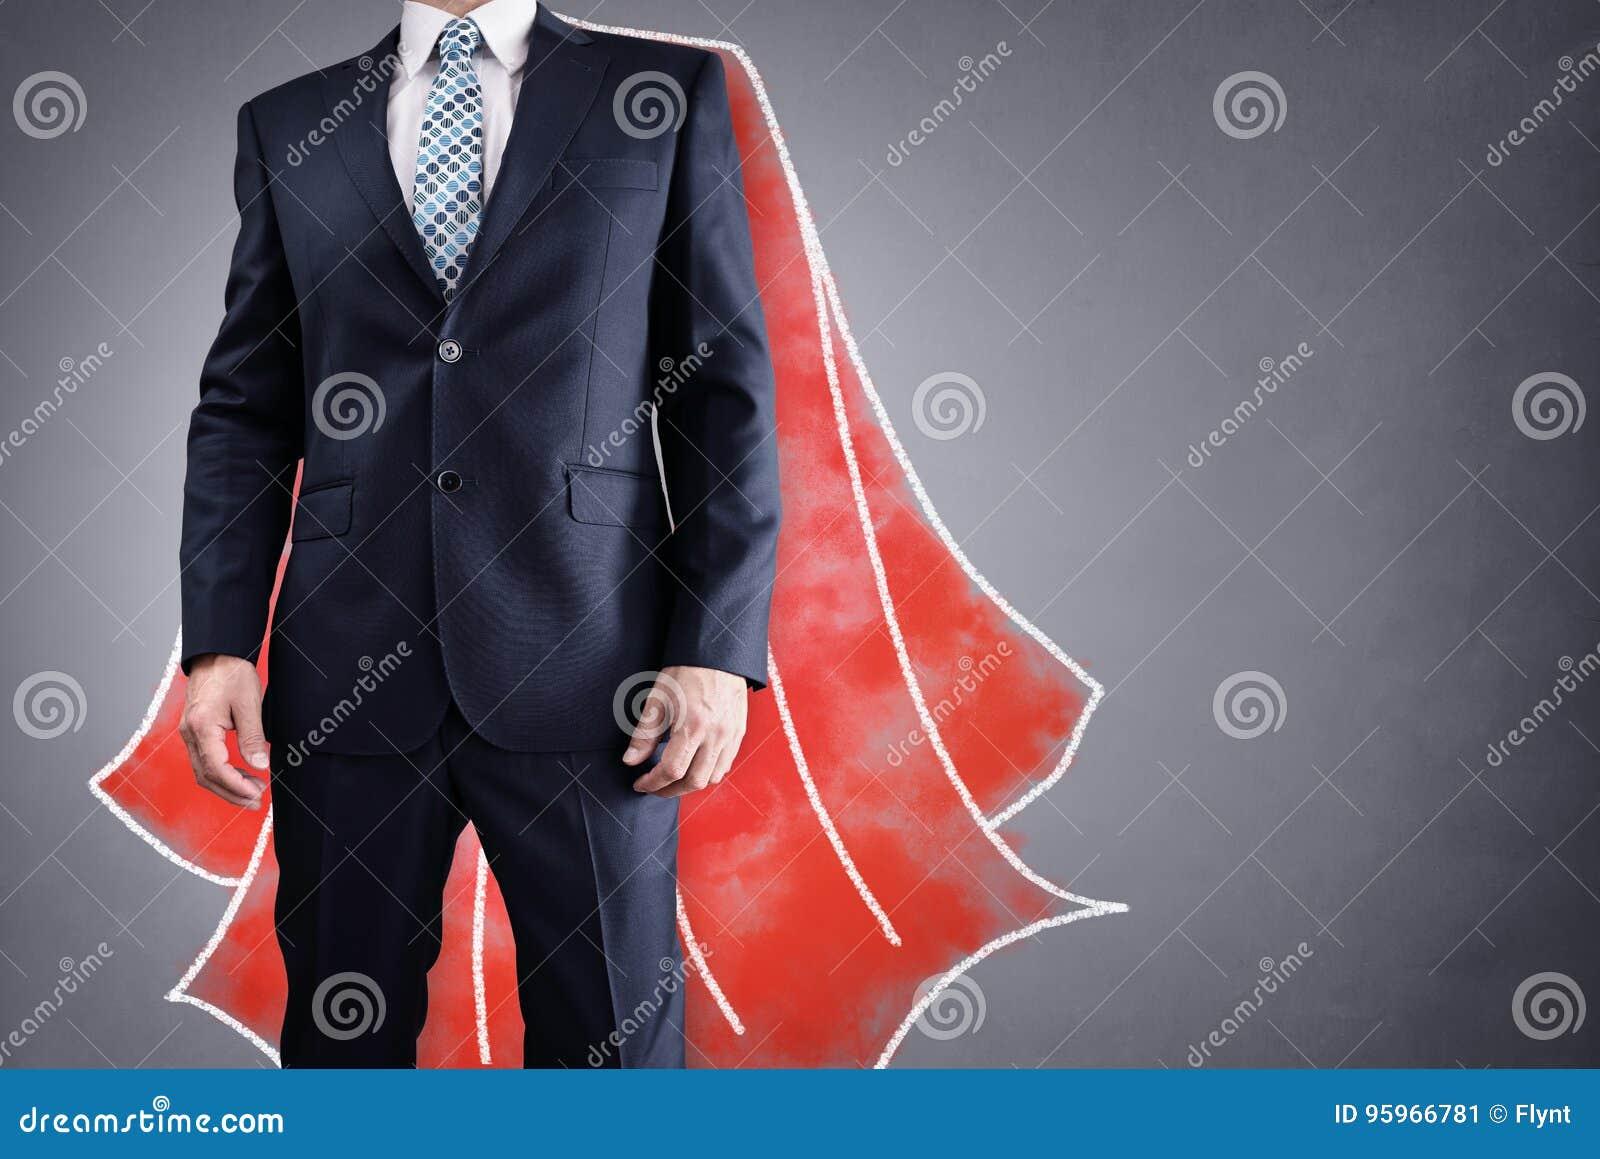 Επιχειρηματίας Superhero με την κόκκινη έννοια ακρωτηρίων για την ηγεσία